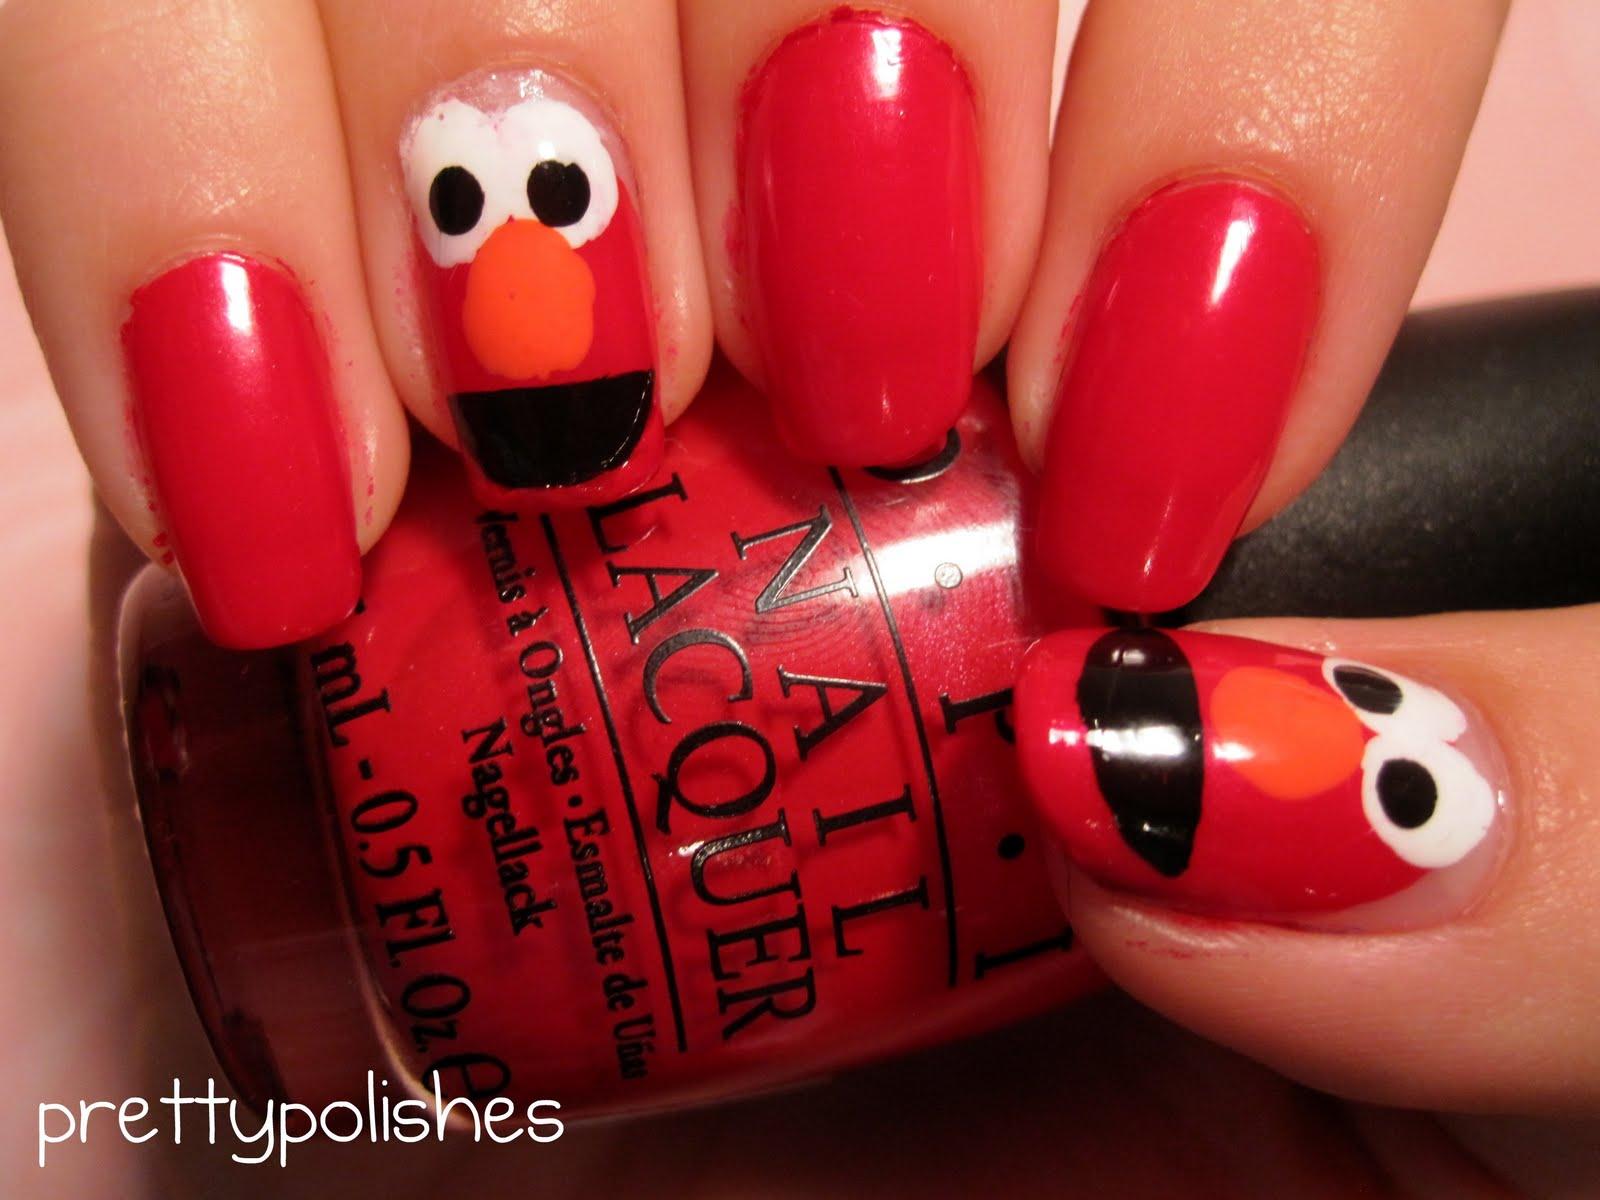 prettypolishes: Elmo Nails!